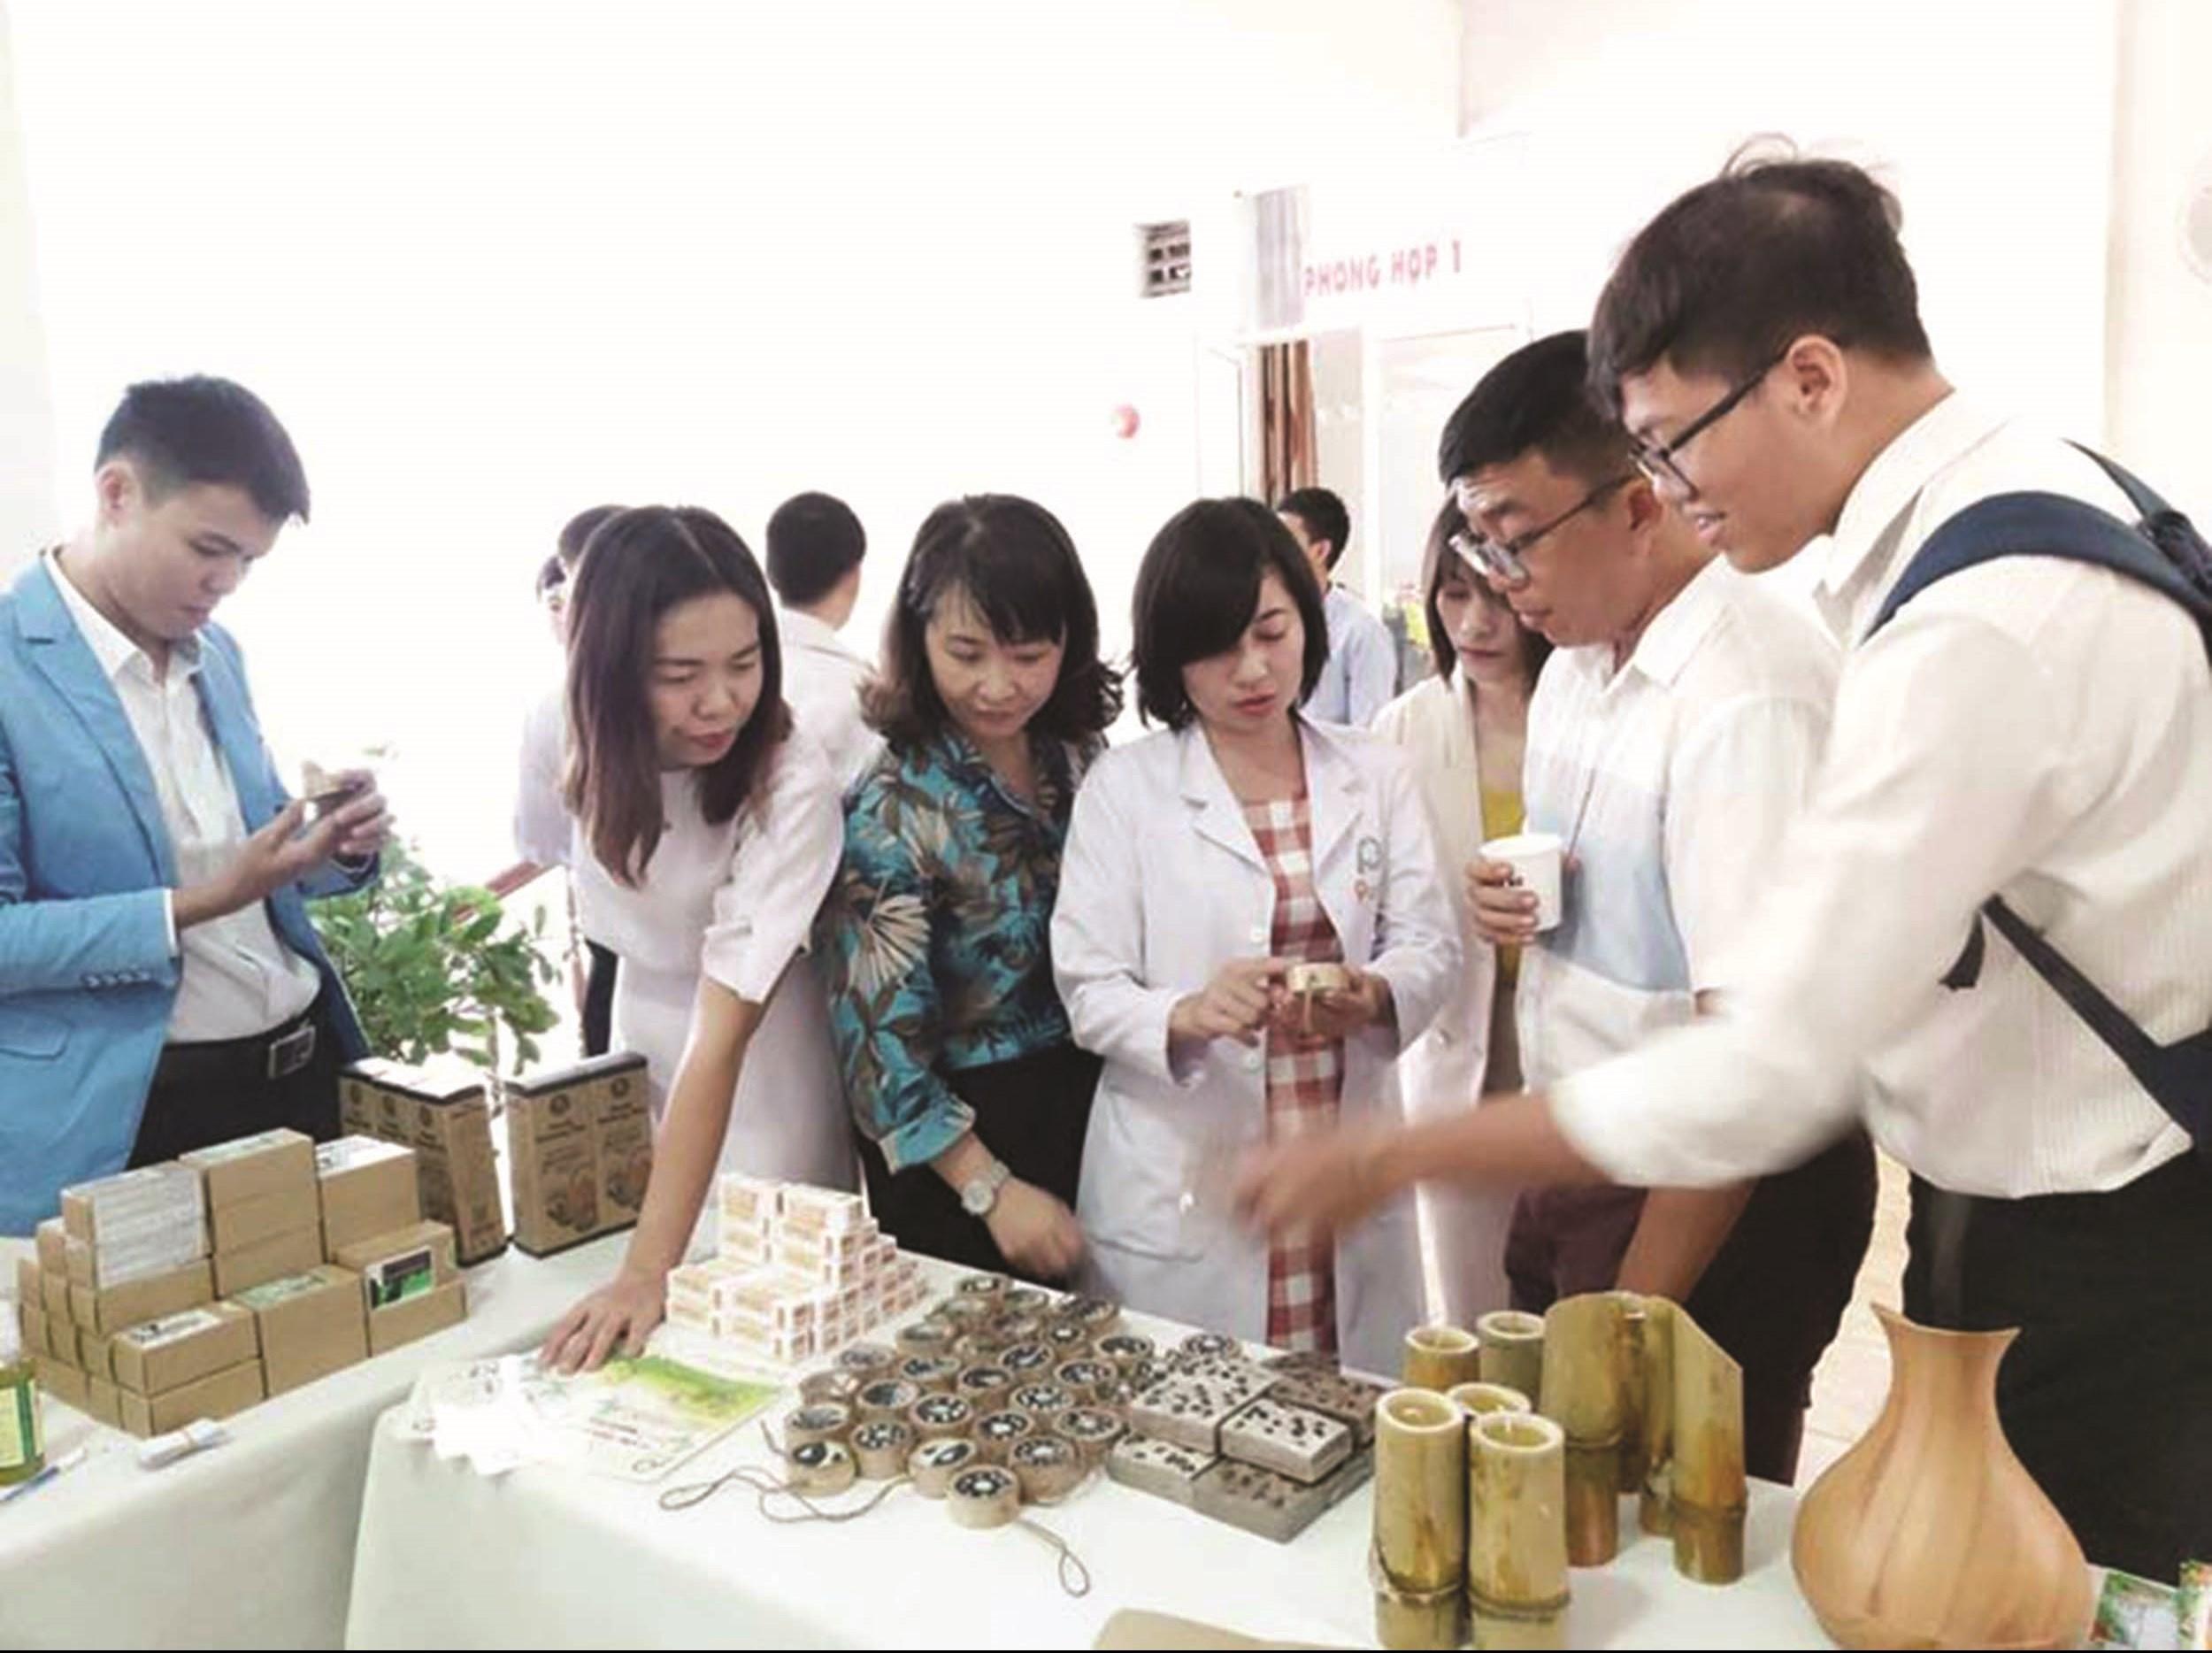 Sản phẩm mỹ phẩm thiên nhiên của chị Phạm Thị Thanh Hằng được giới thiệu đến người tiêu dùng.